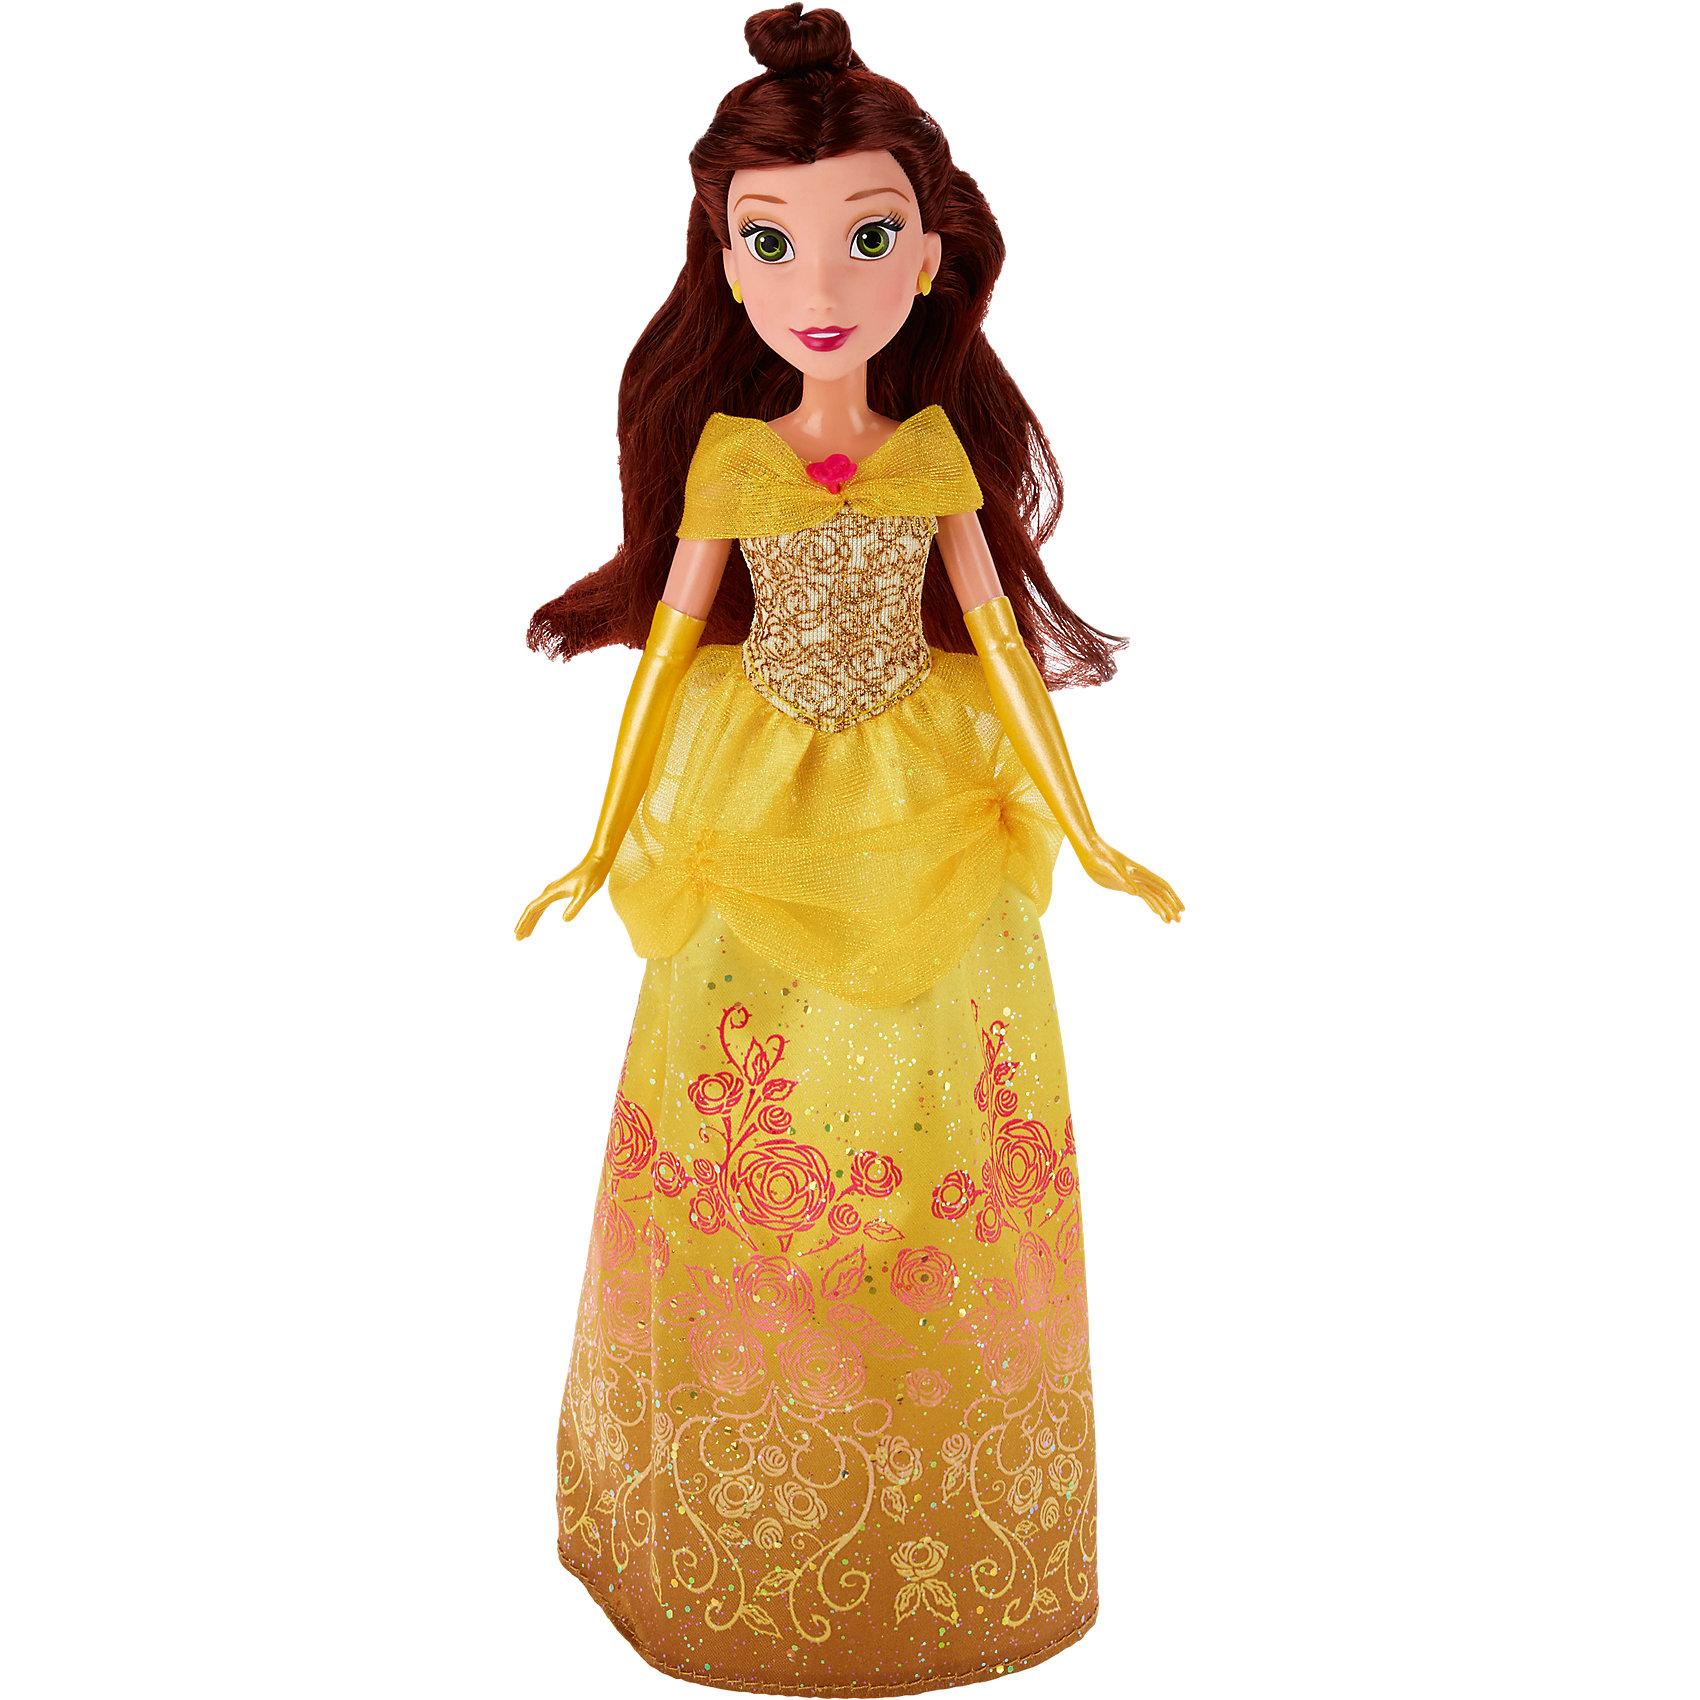 Hasbro Классическая кукла Белль, Красавица и Чудовище hasbro кукла рапунцель принцессы дисней